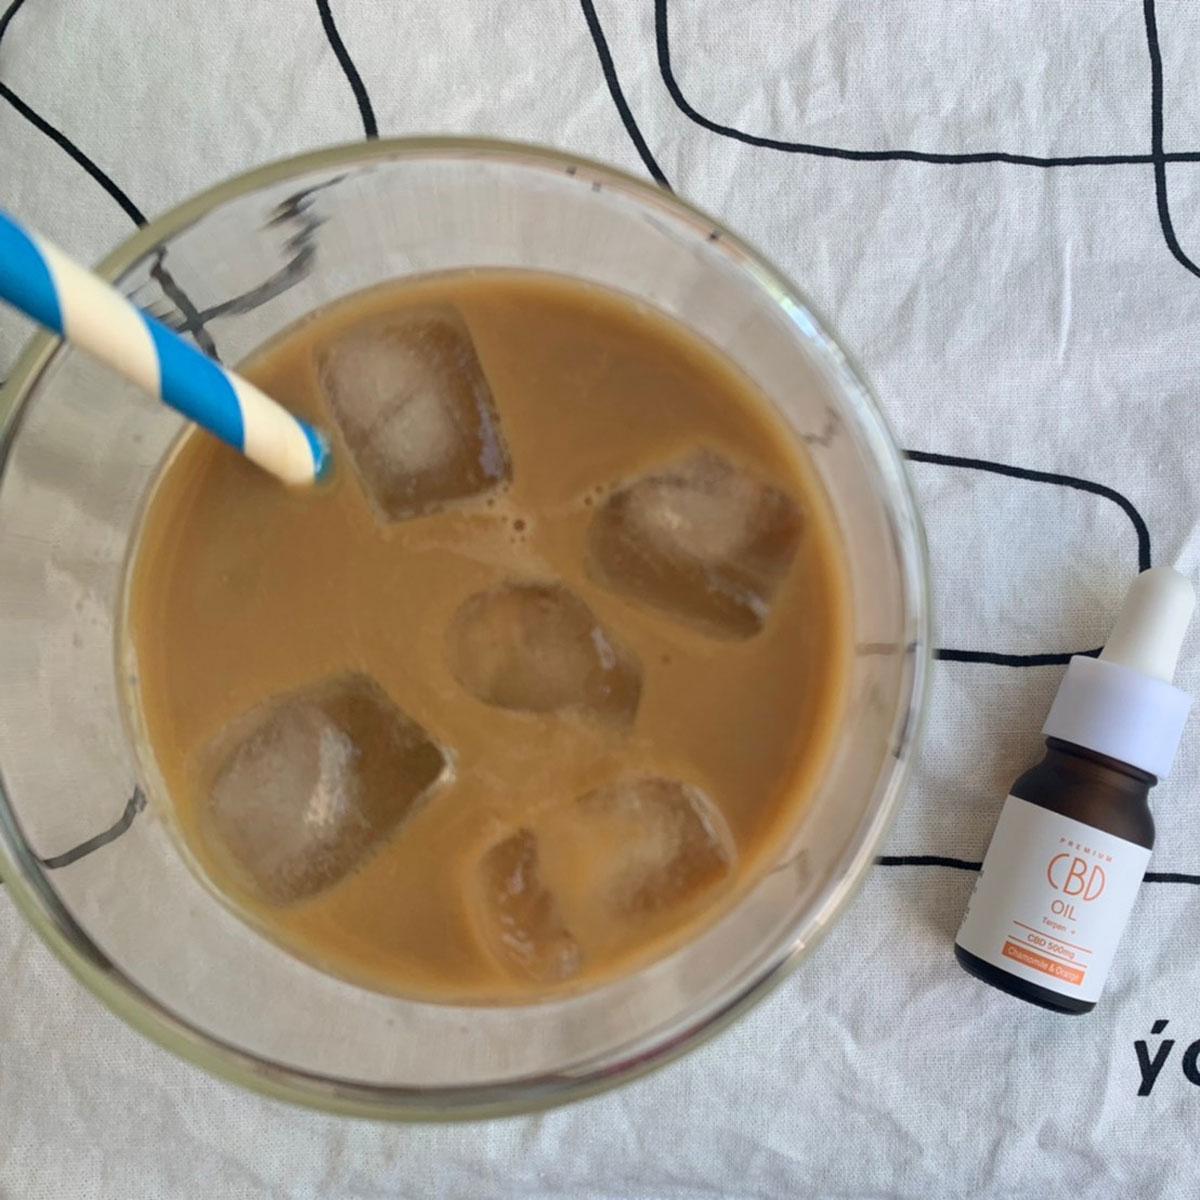 デカフェコーヒー&カモミールオレンジ